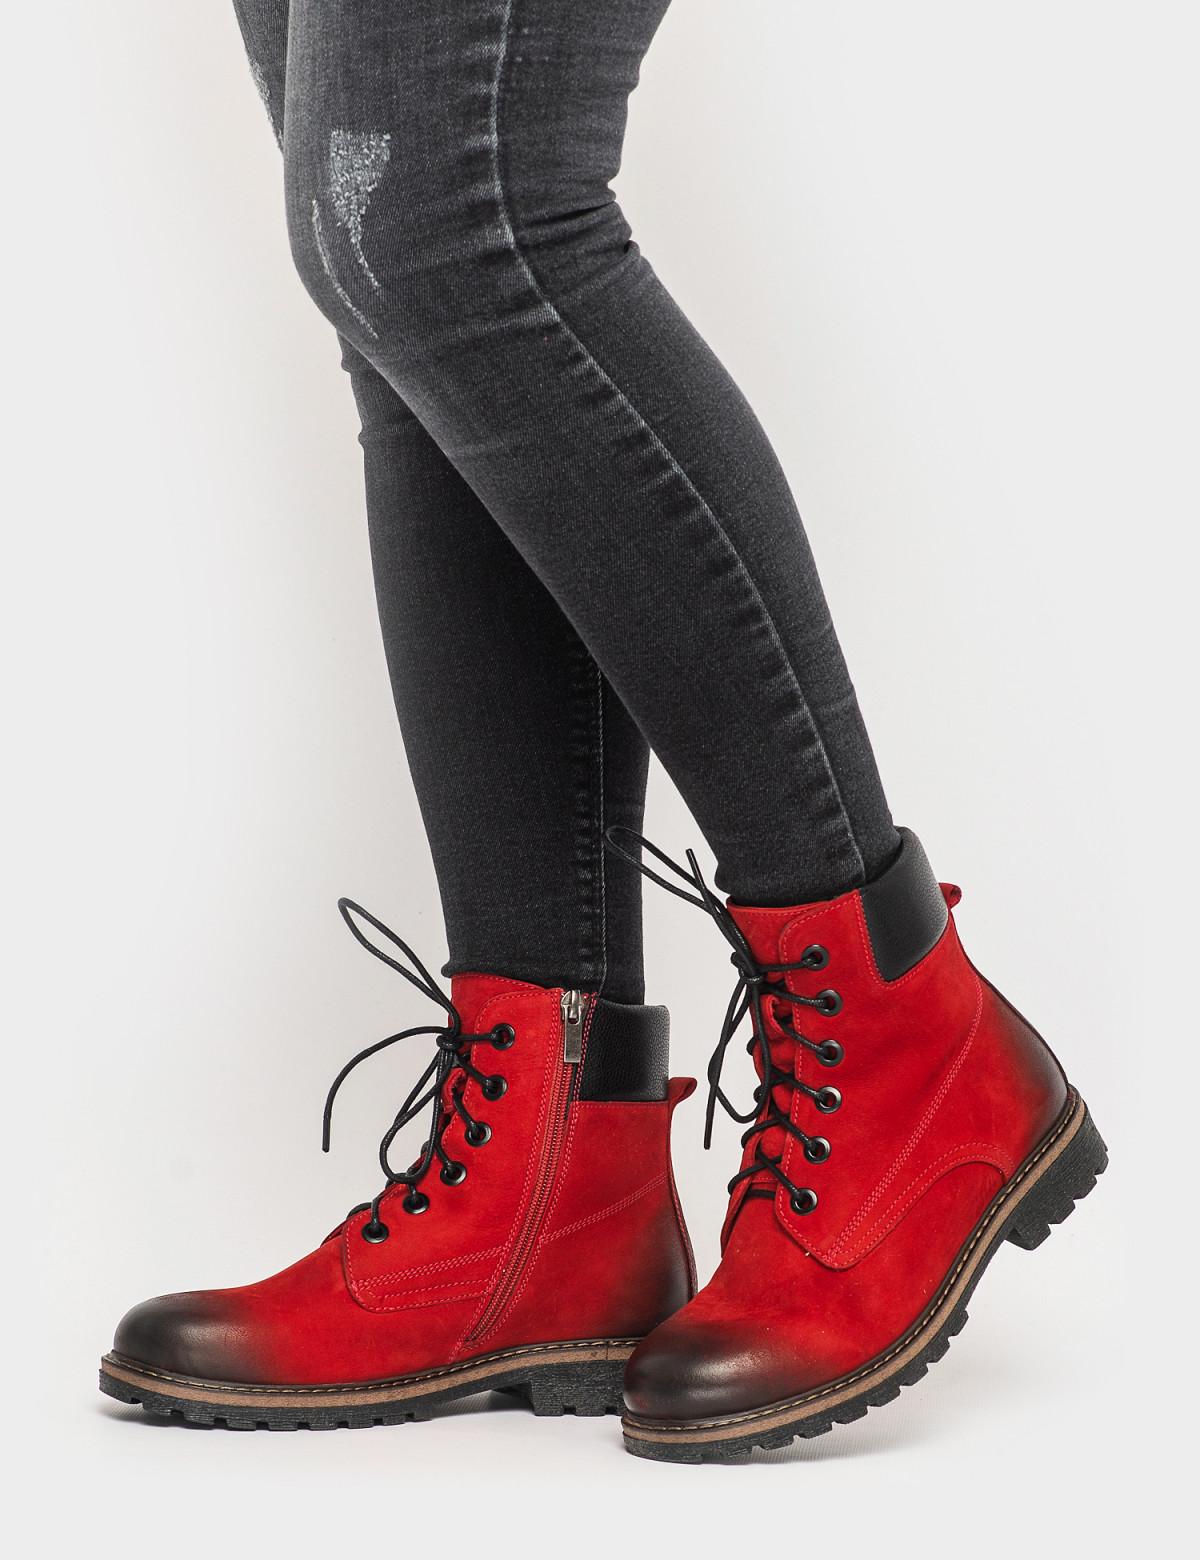 Ботинки красные. Натуральный нубук. Байка4